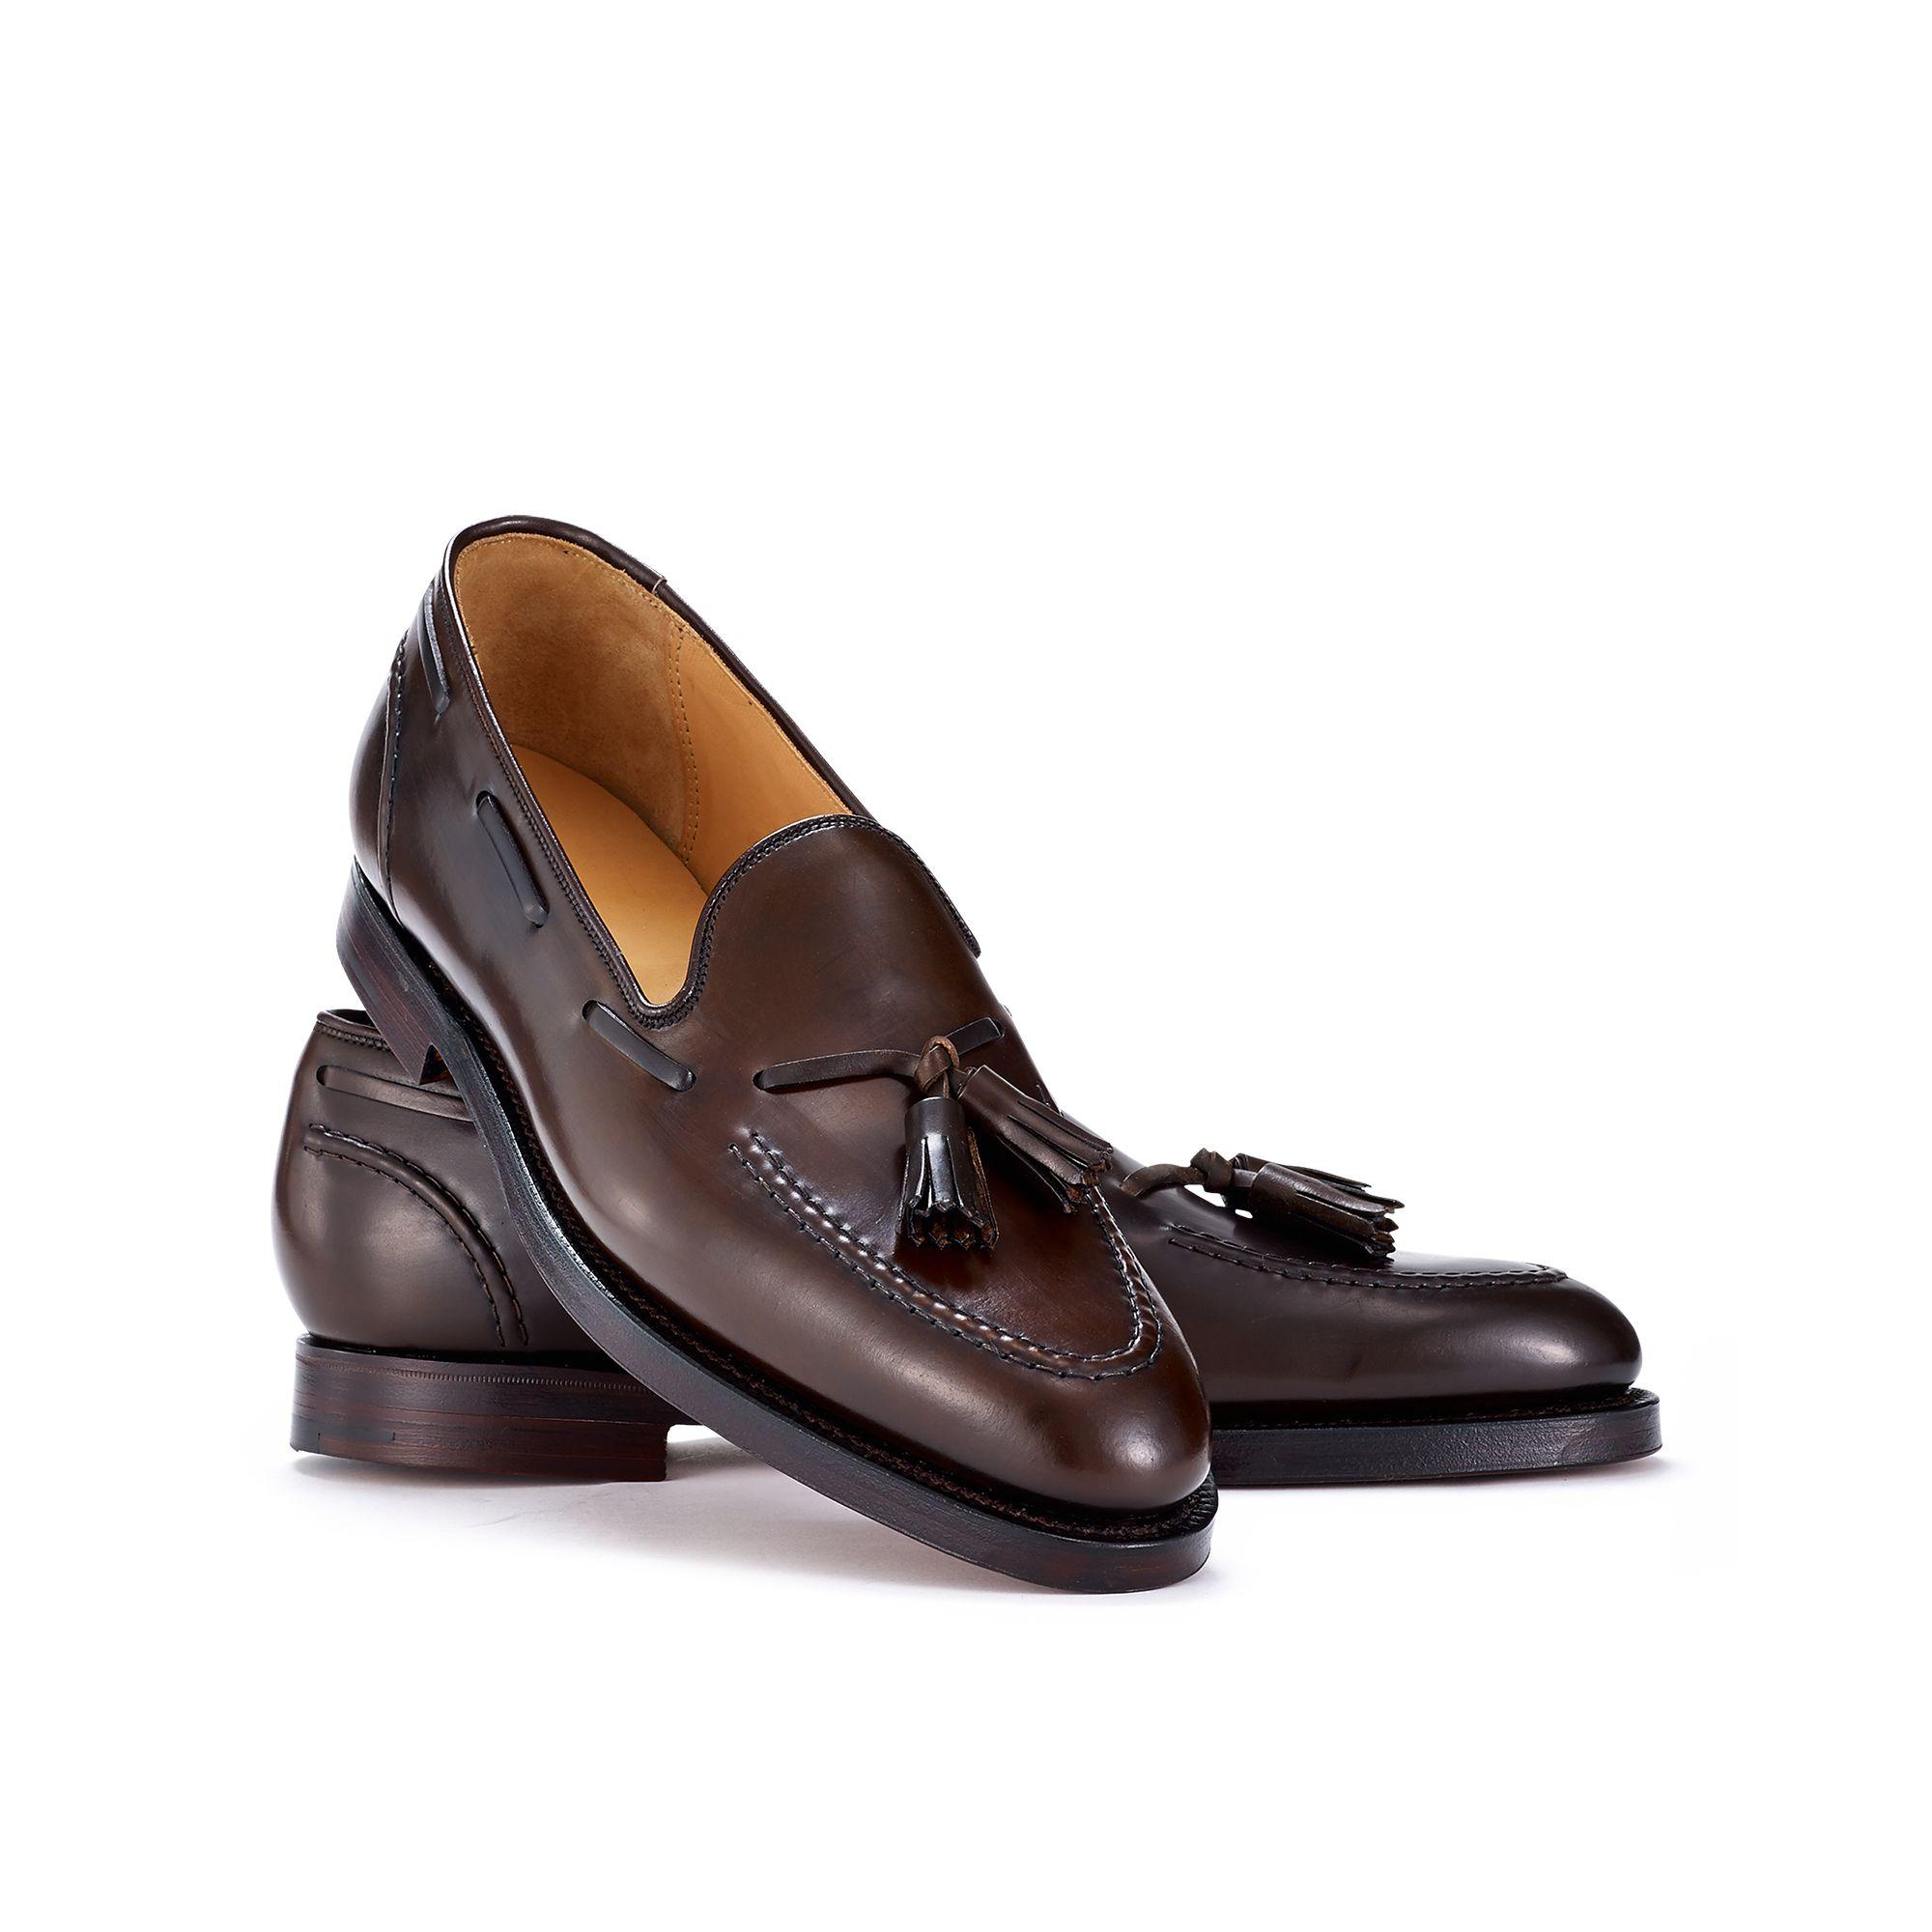 d4f231c88 Ralph Lauren Cordovan Marlow Tassel Loafer in Brown for Men - Lyst